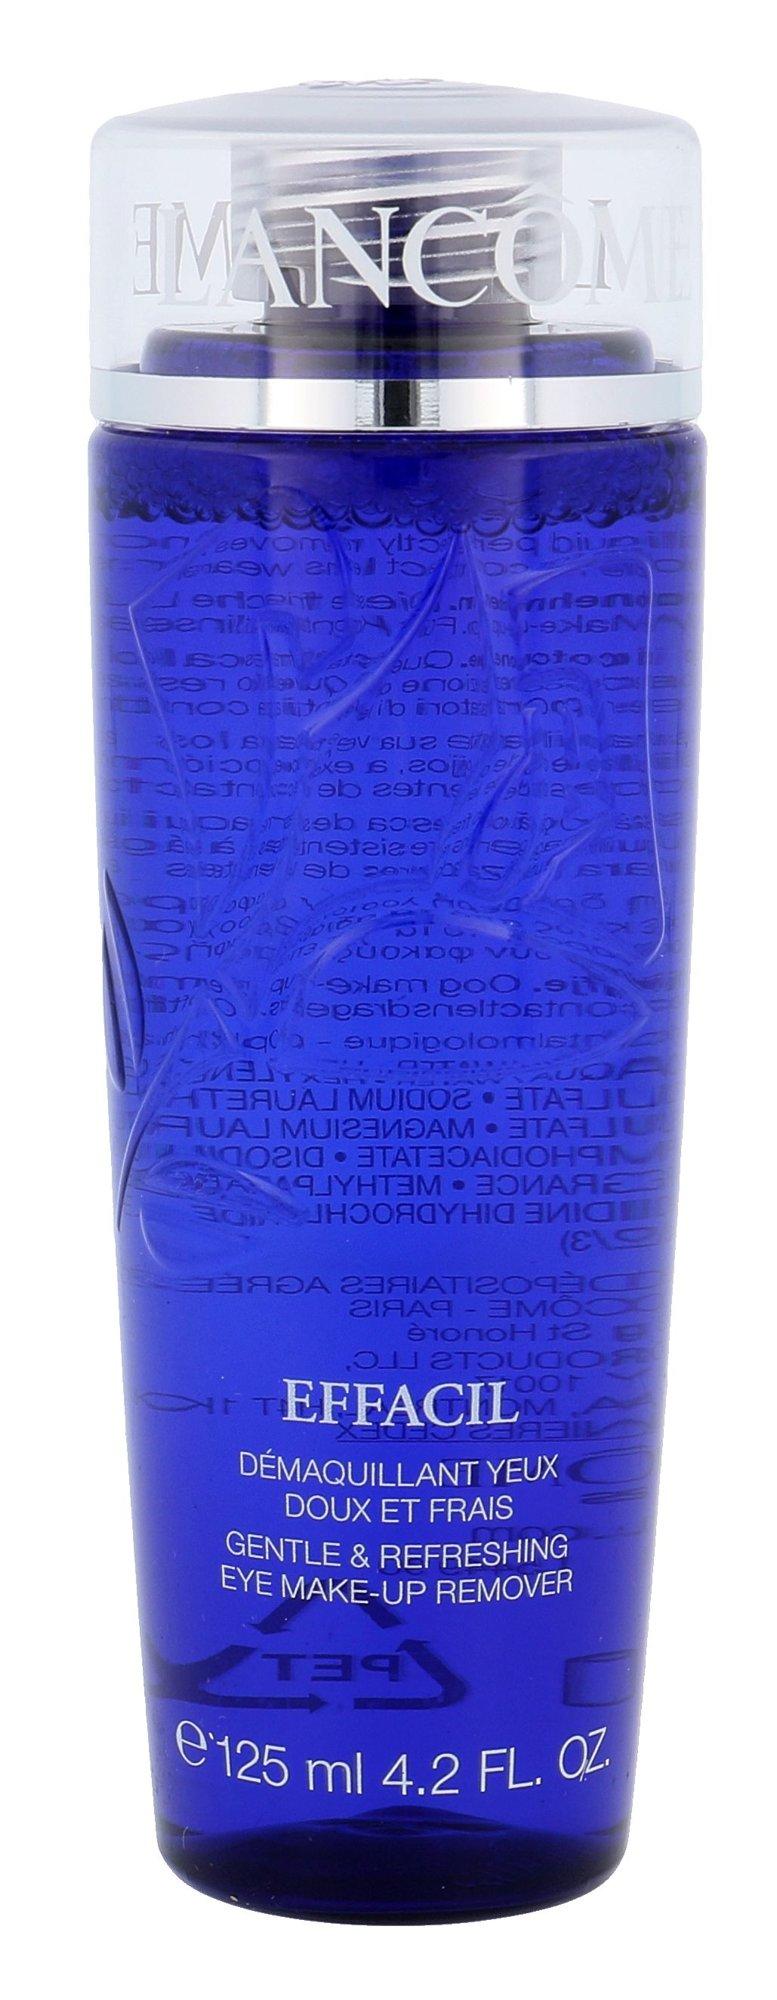 Lancôme Effacil Cosmetic 125ml